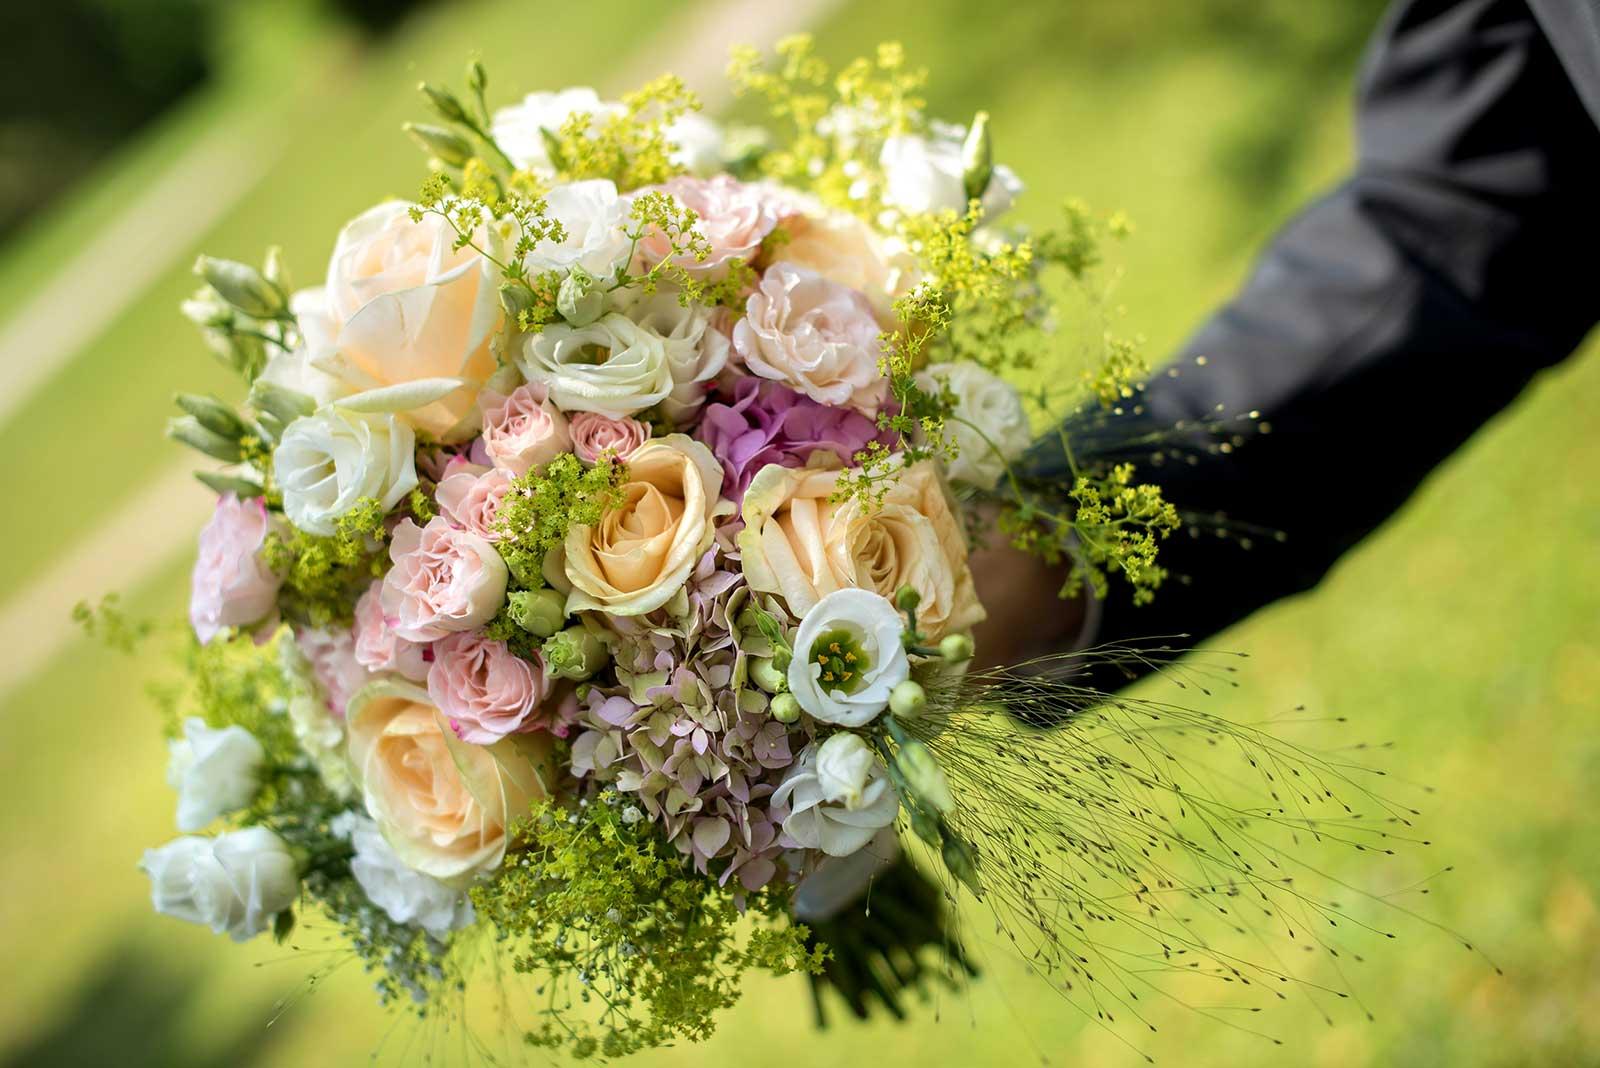 06 svatebni foto cesky krumlov svatebni fotografdetail svatebni kytice